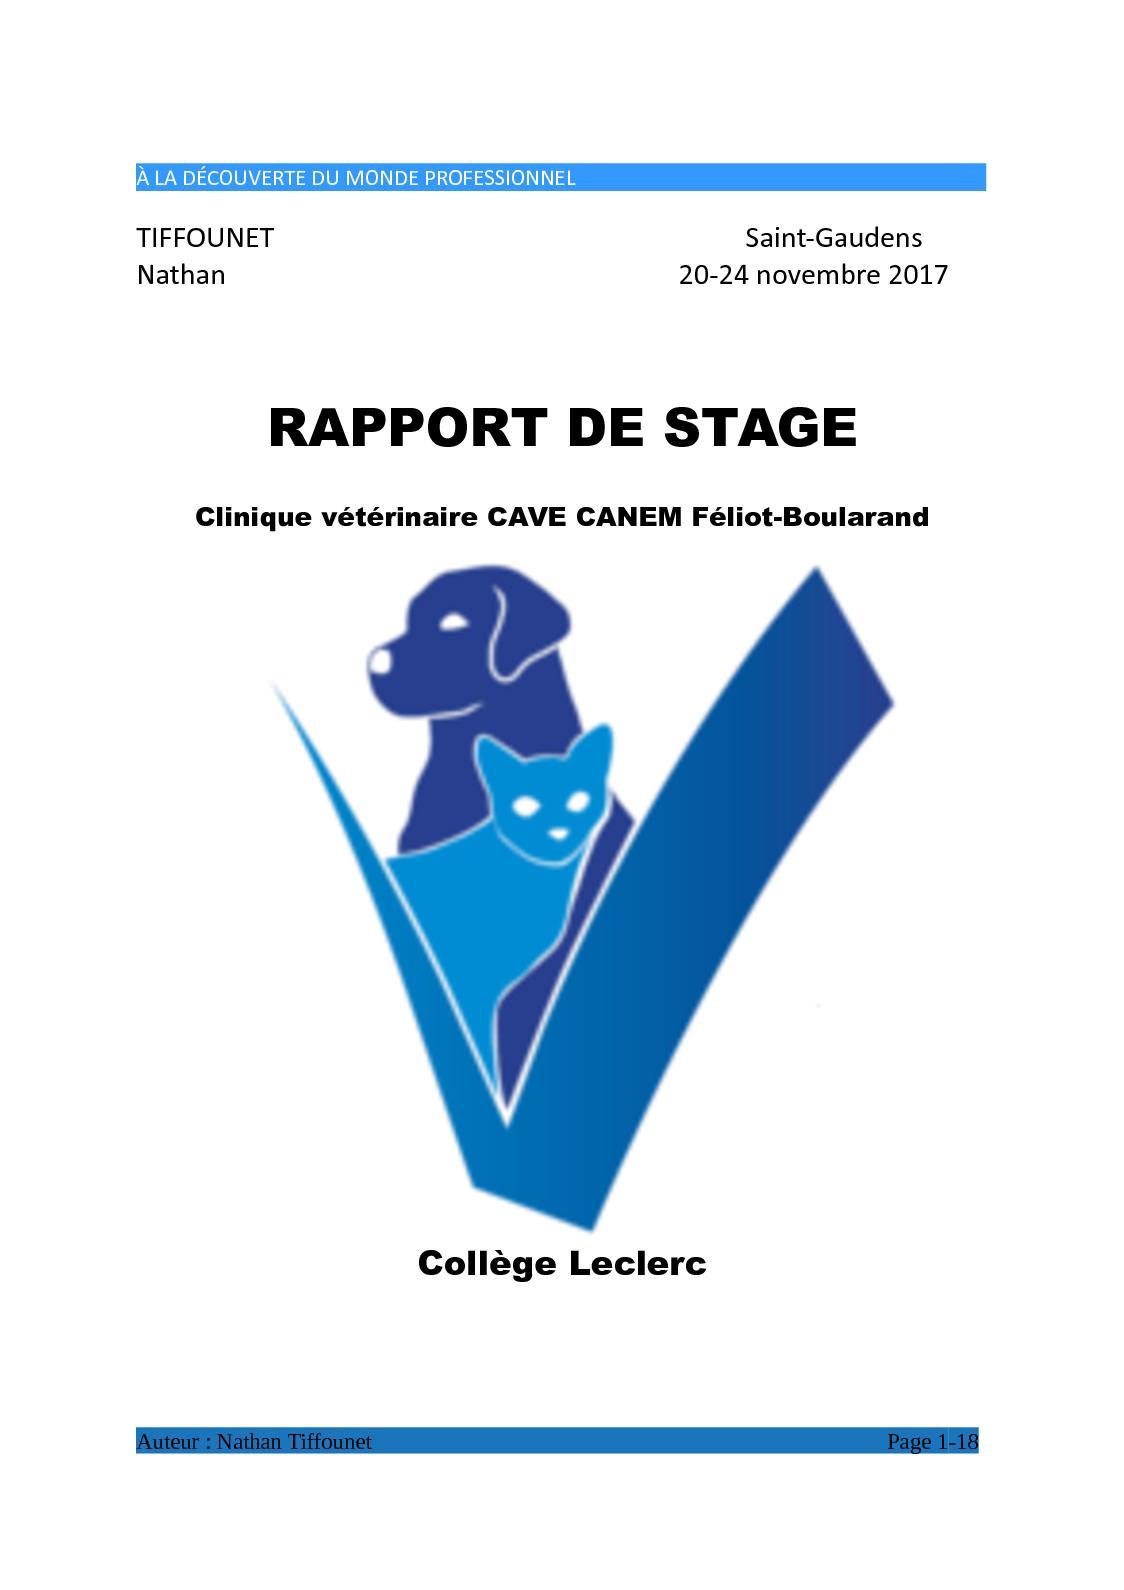 Calaméo Rapport De Stage Tiffounet Nathan